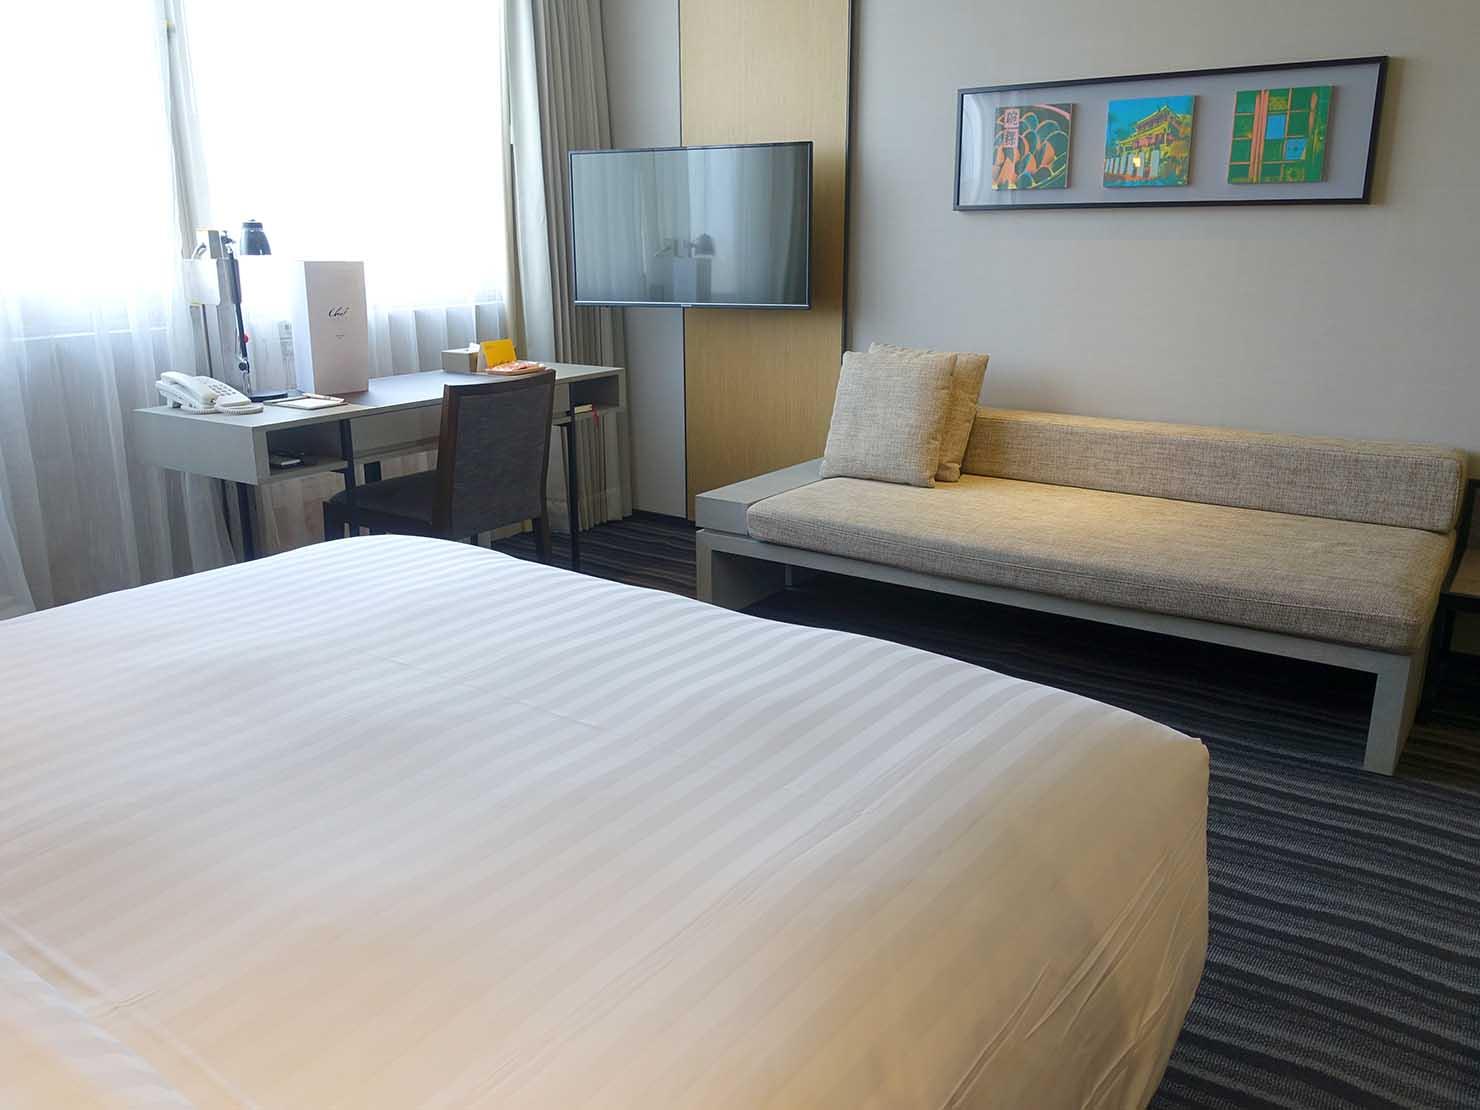 台南市内観光におすすめのホテル「長悅旅棧」バスルーム側から見た長悅經典客房(クラシカルルーム)